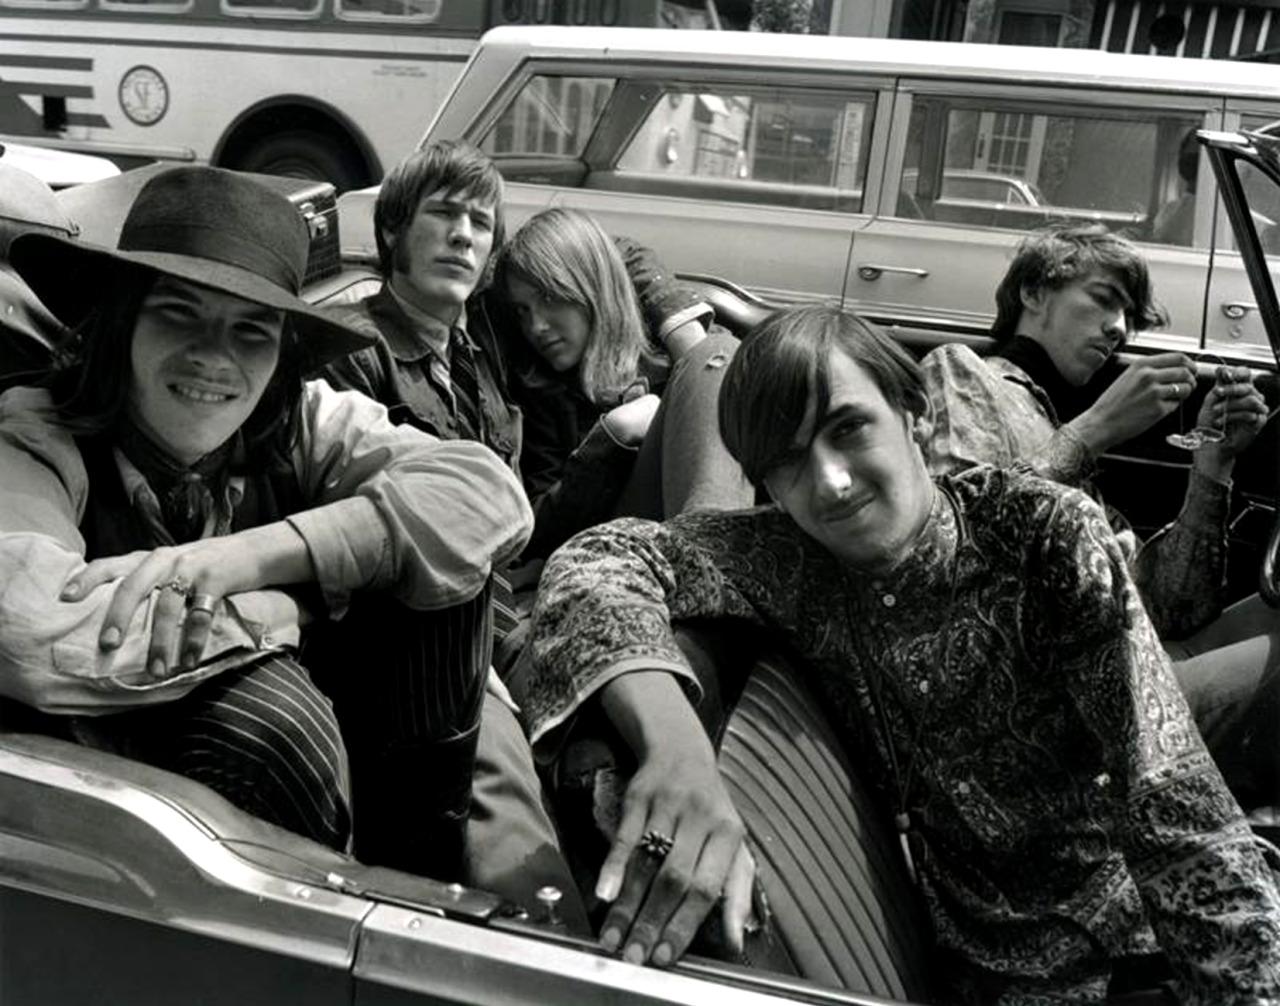 1968. Круиз по Хейт-стрит, Сан-Франциско